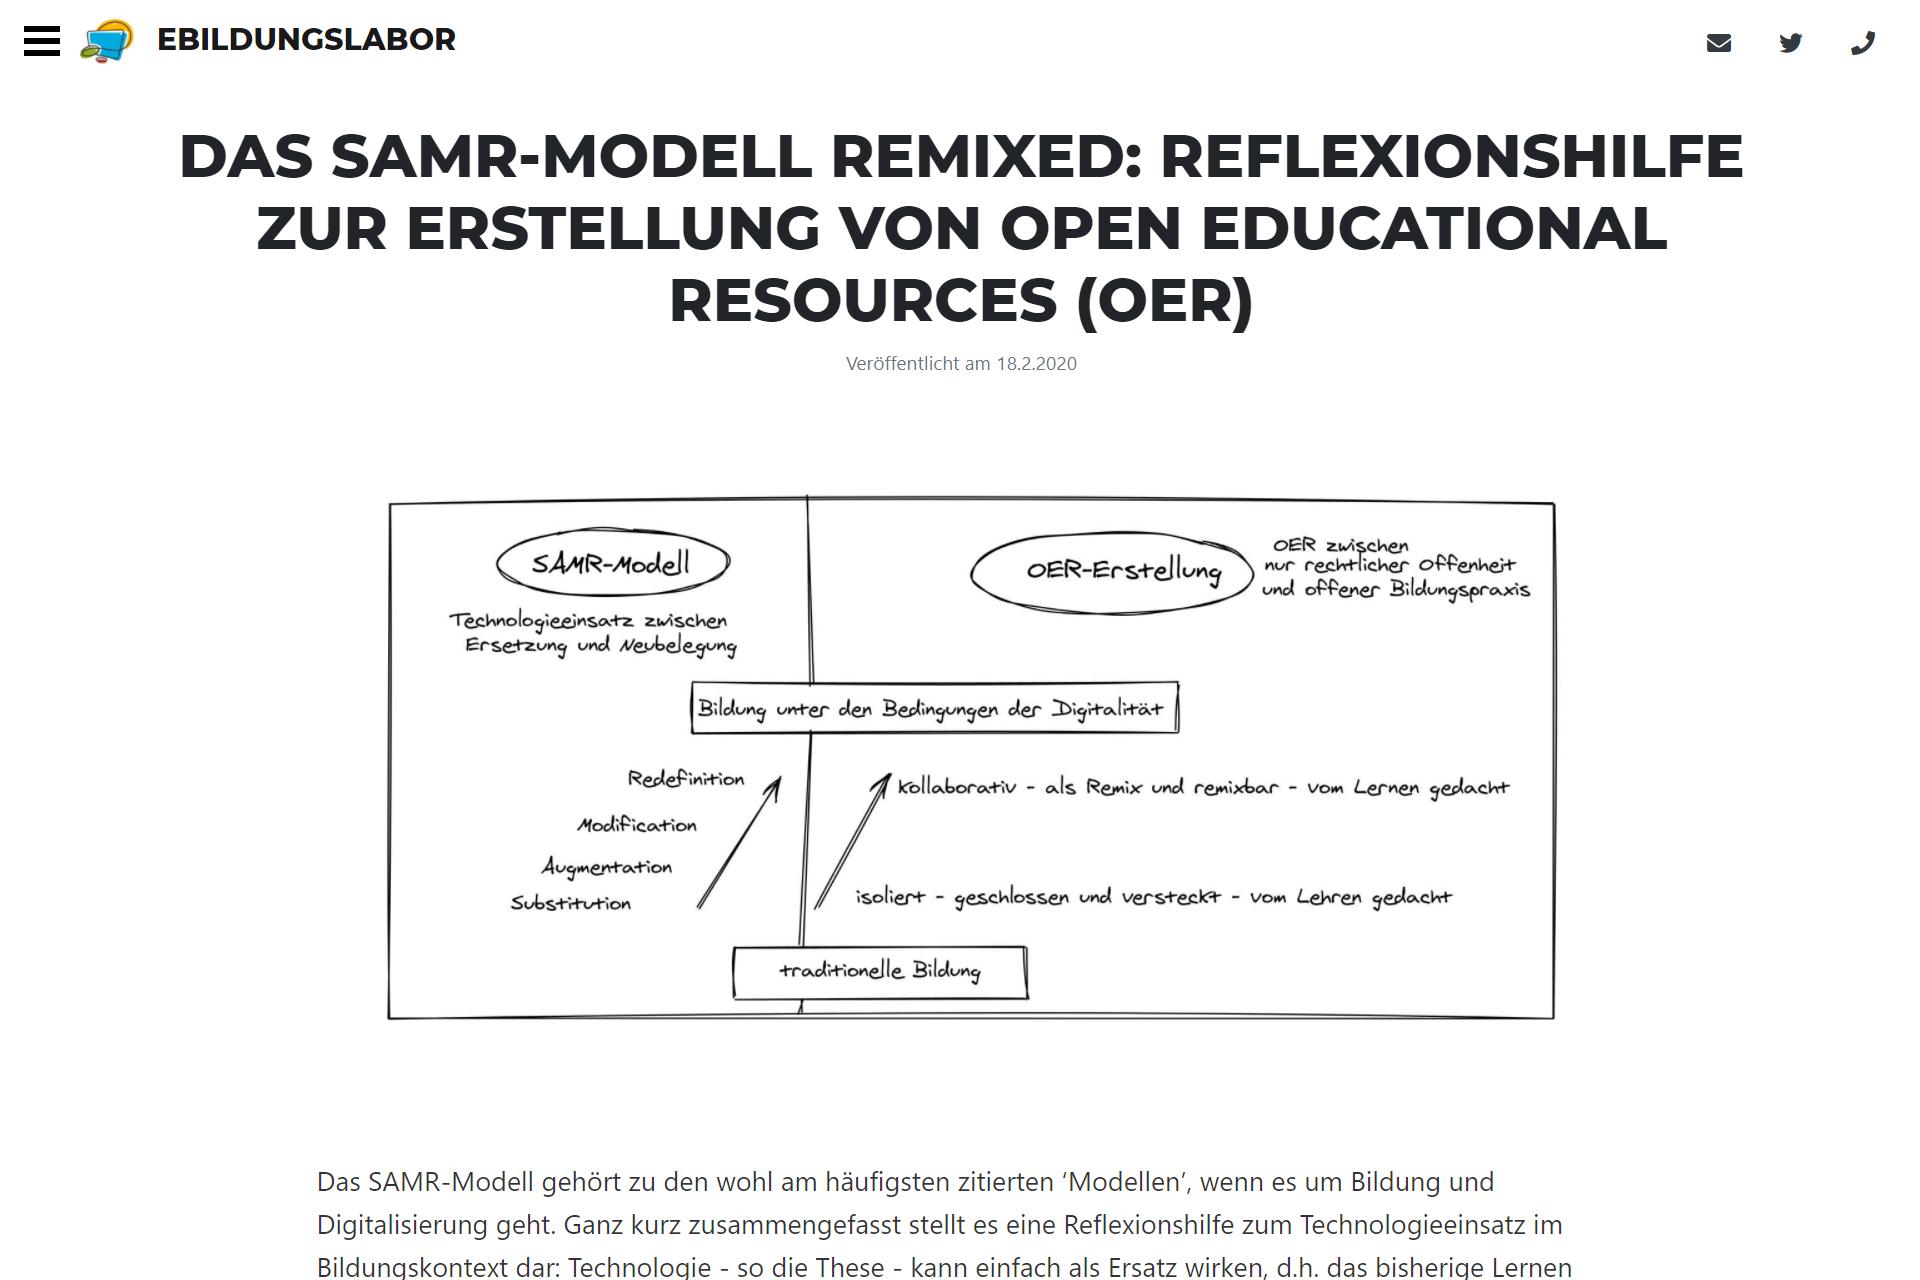 zum SAMR-Modell auf www.ebildungslabor.de